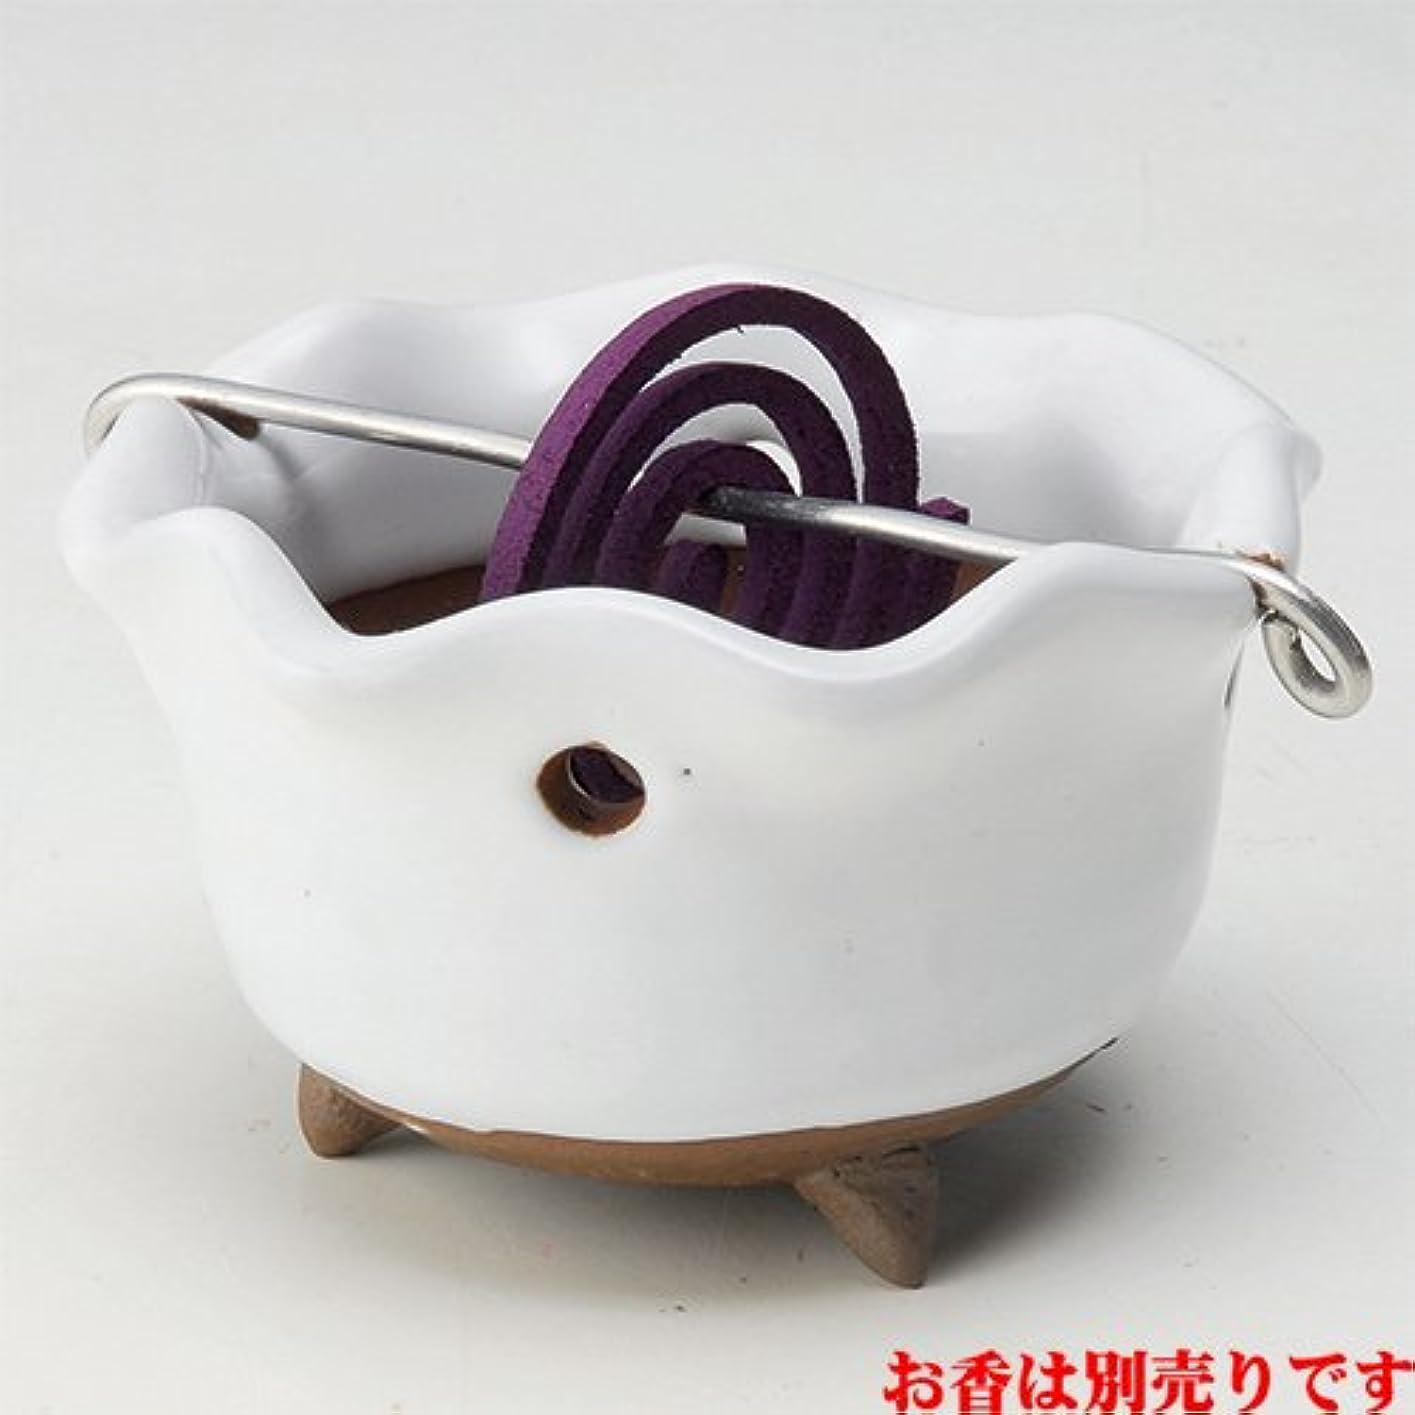 希望に満ちたメイエラ負香皿 白志野 花型 香鉢 [R8.5xH5.3cm] HANDMADE プレゼント ギフト 和食器 かわいい インテリア